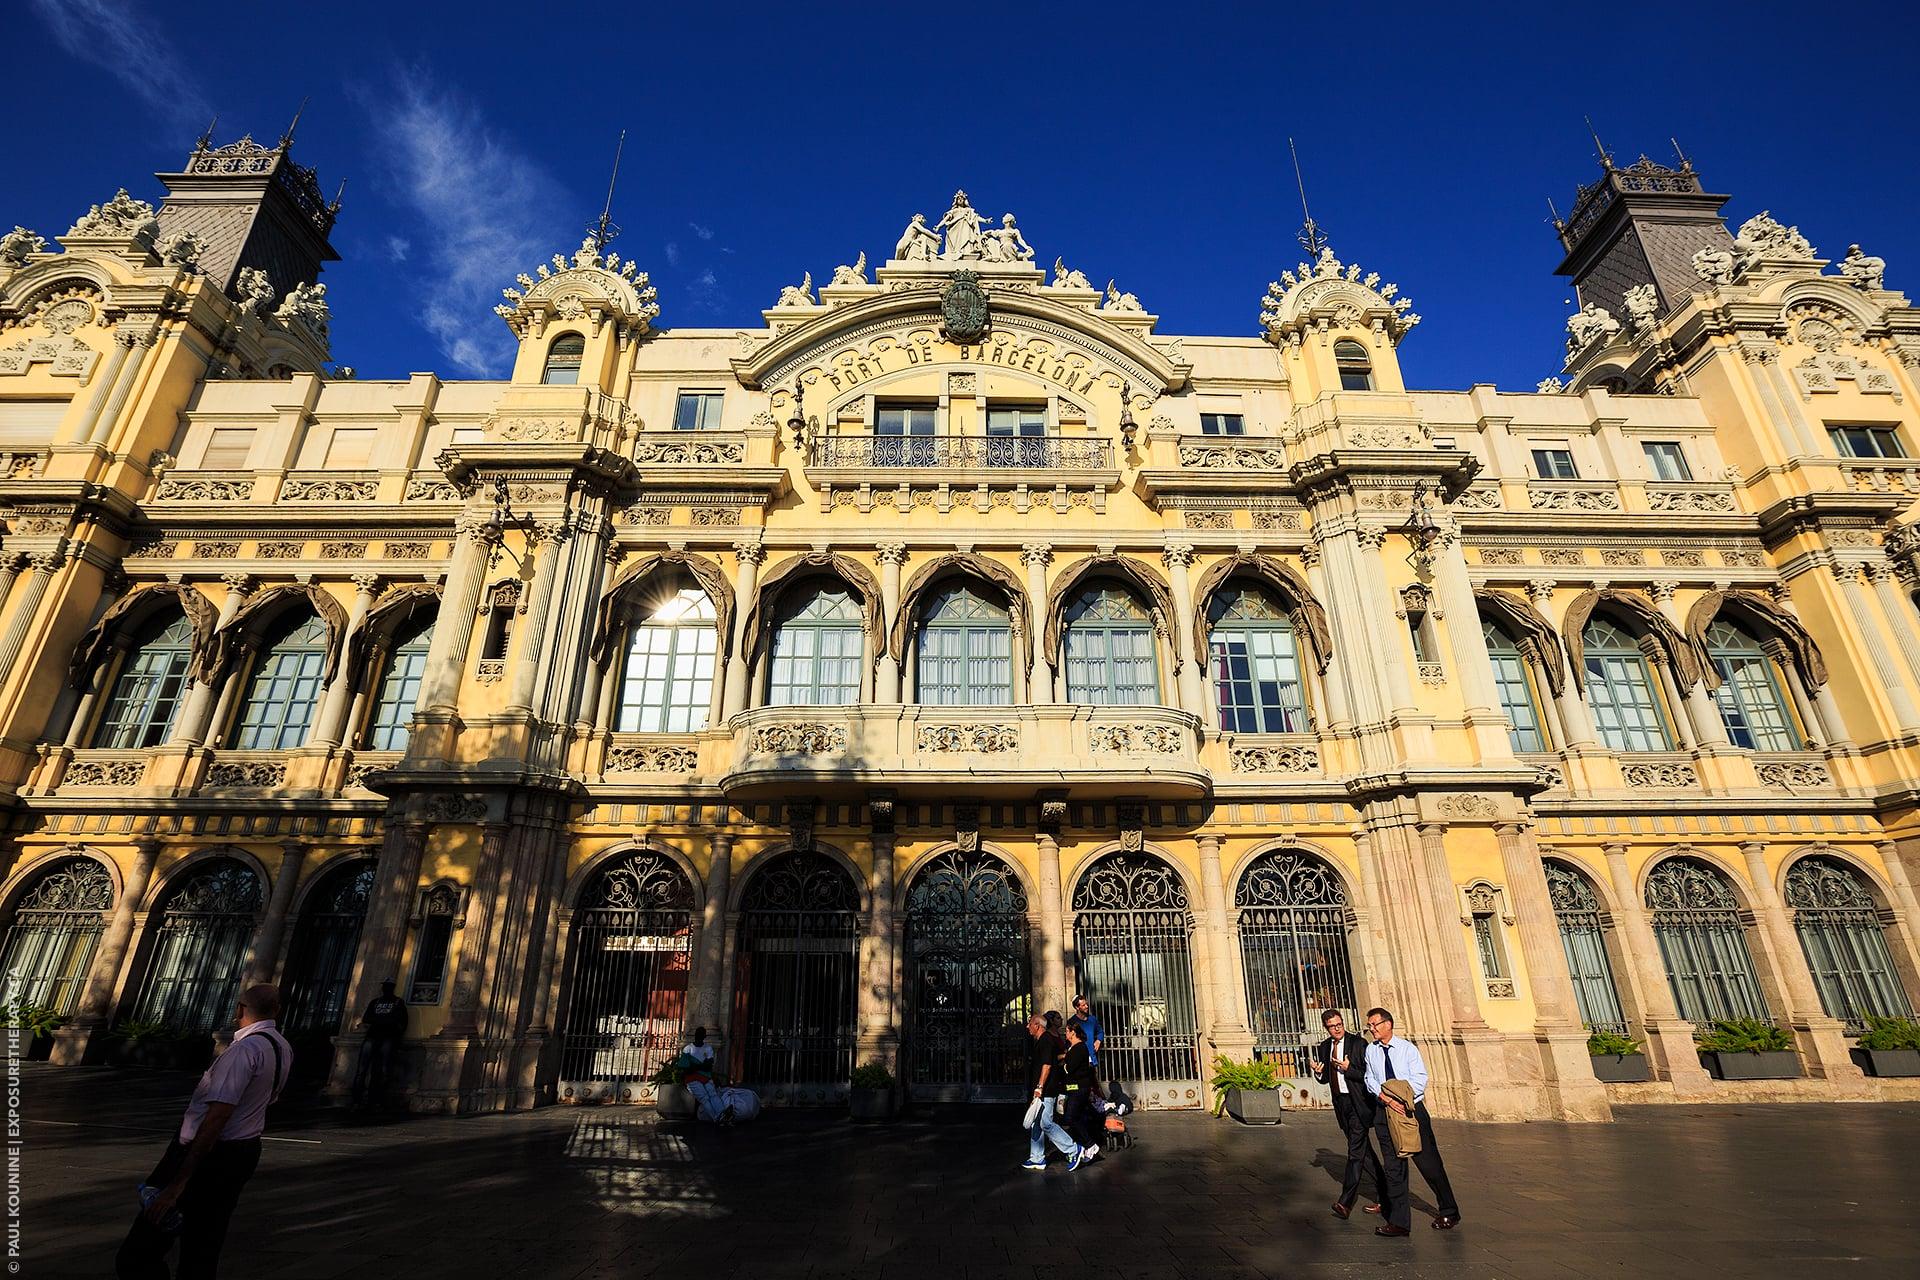 16 mm super wide-angle on full-frame camera, Port de Barcelona central building